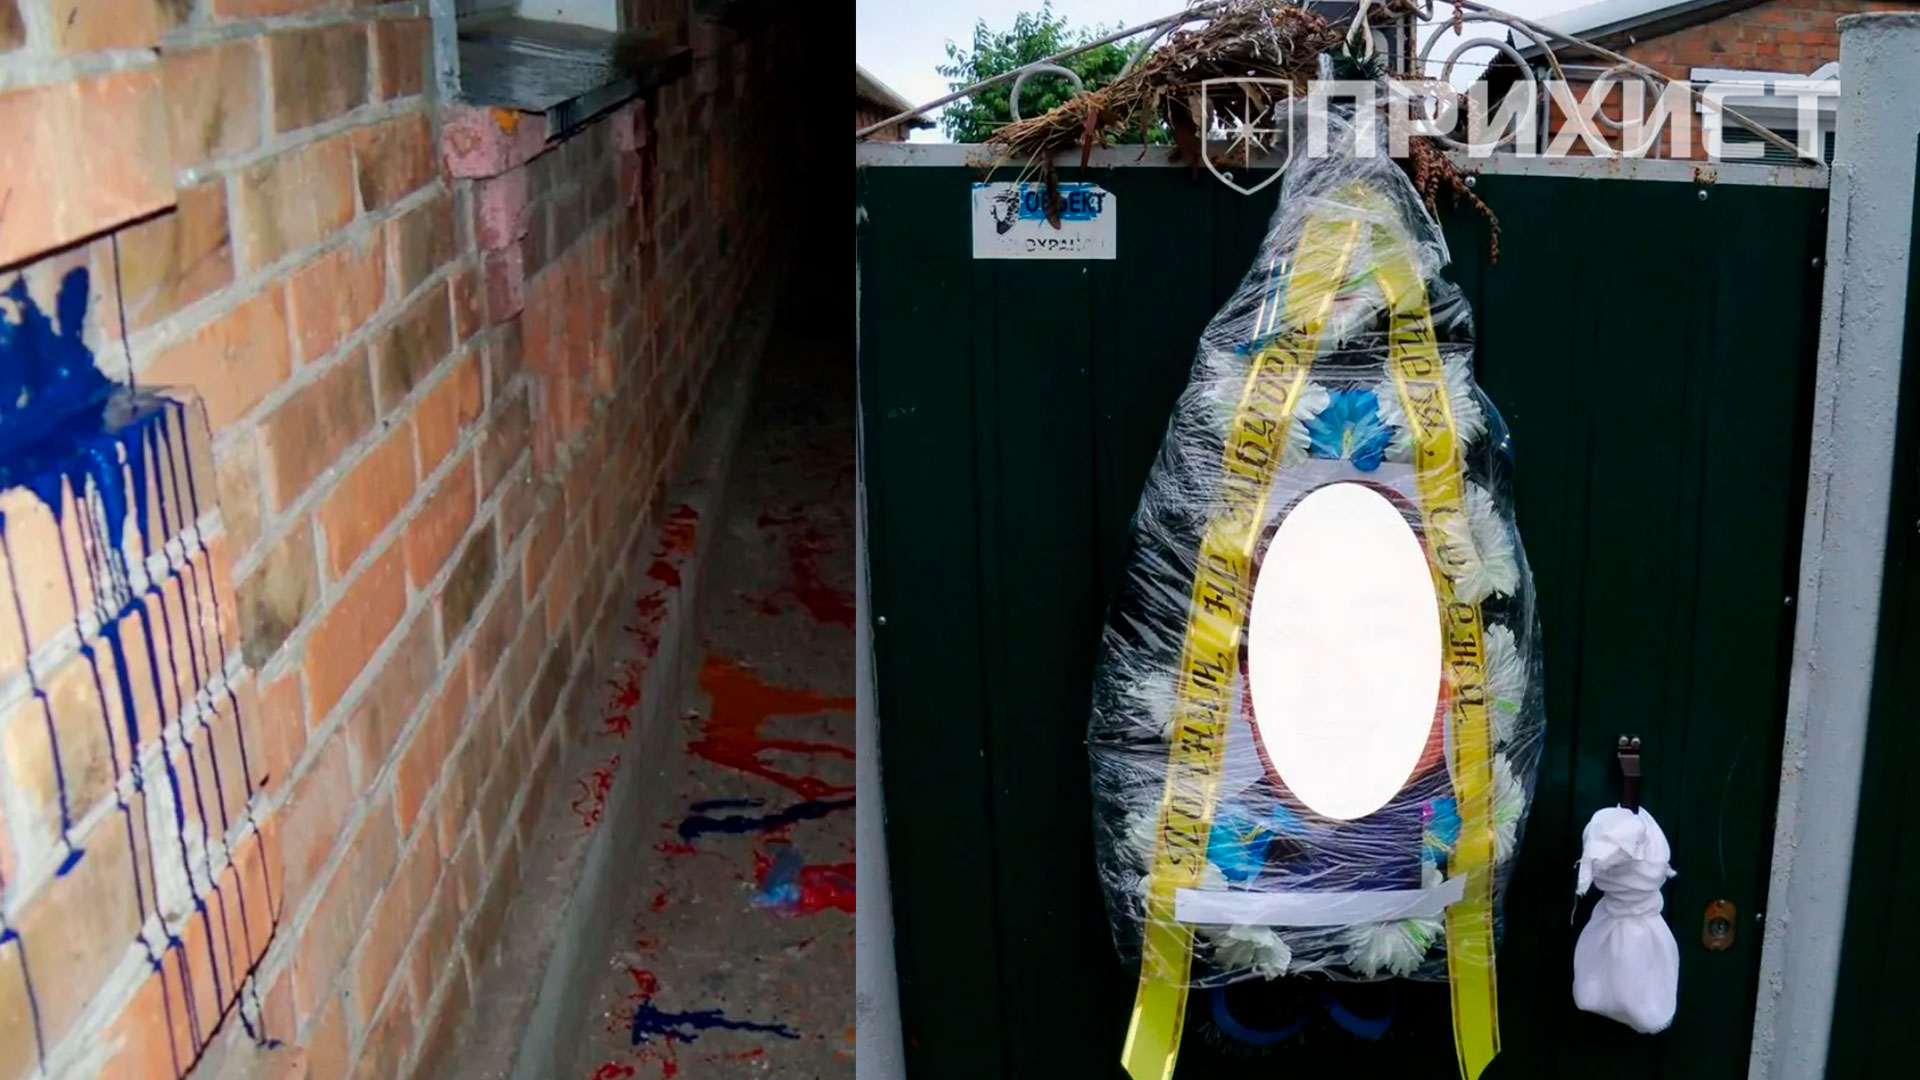 Похоронный венок и пакеты с краской: причины вопиющего инцидента в Никополе. Комментарий пострадавшего (анонимно) | Прихист